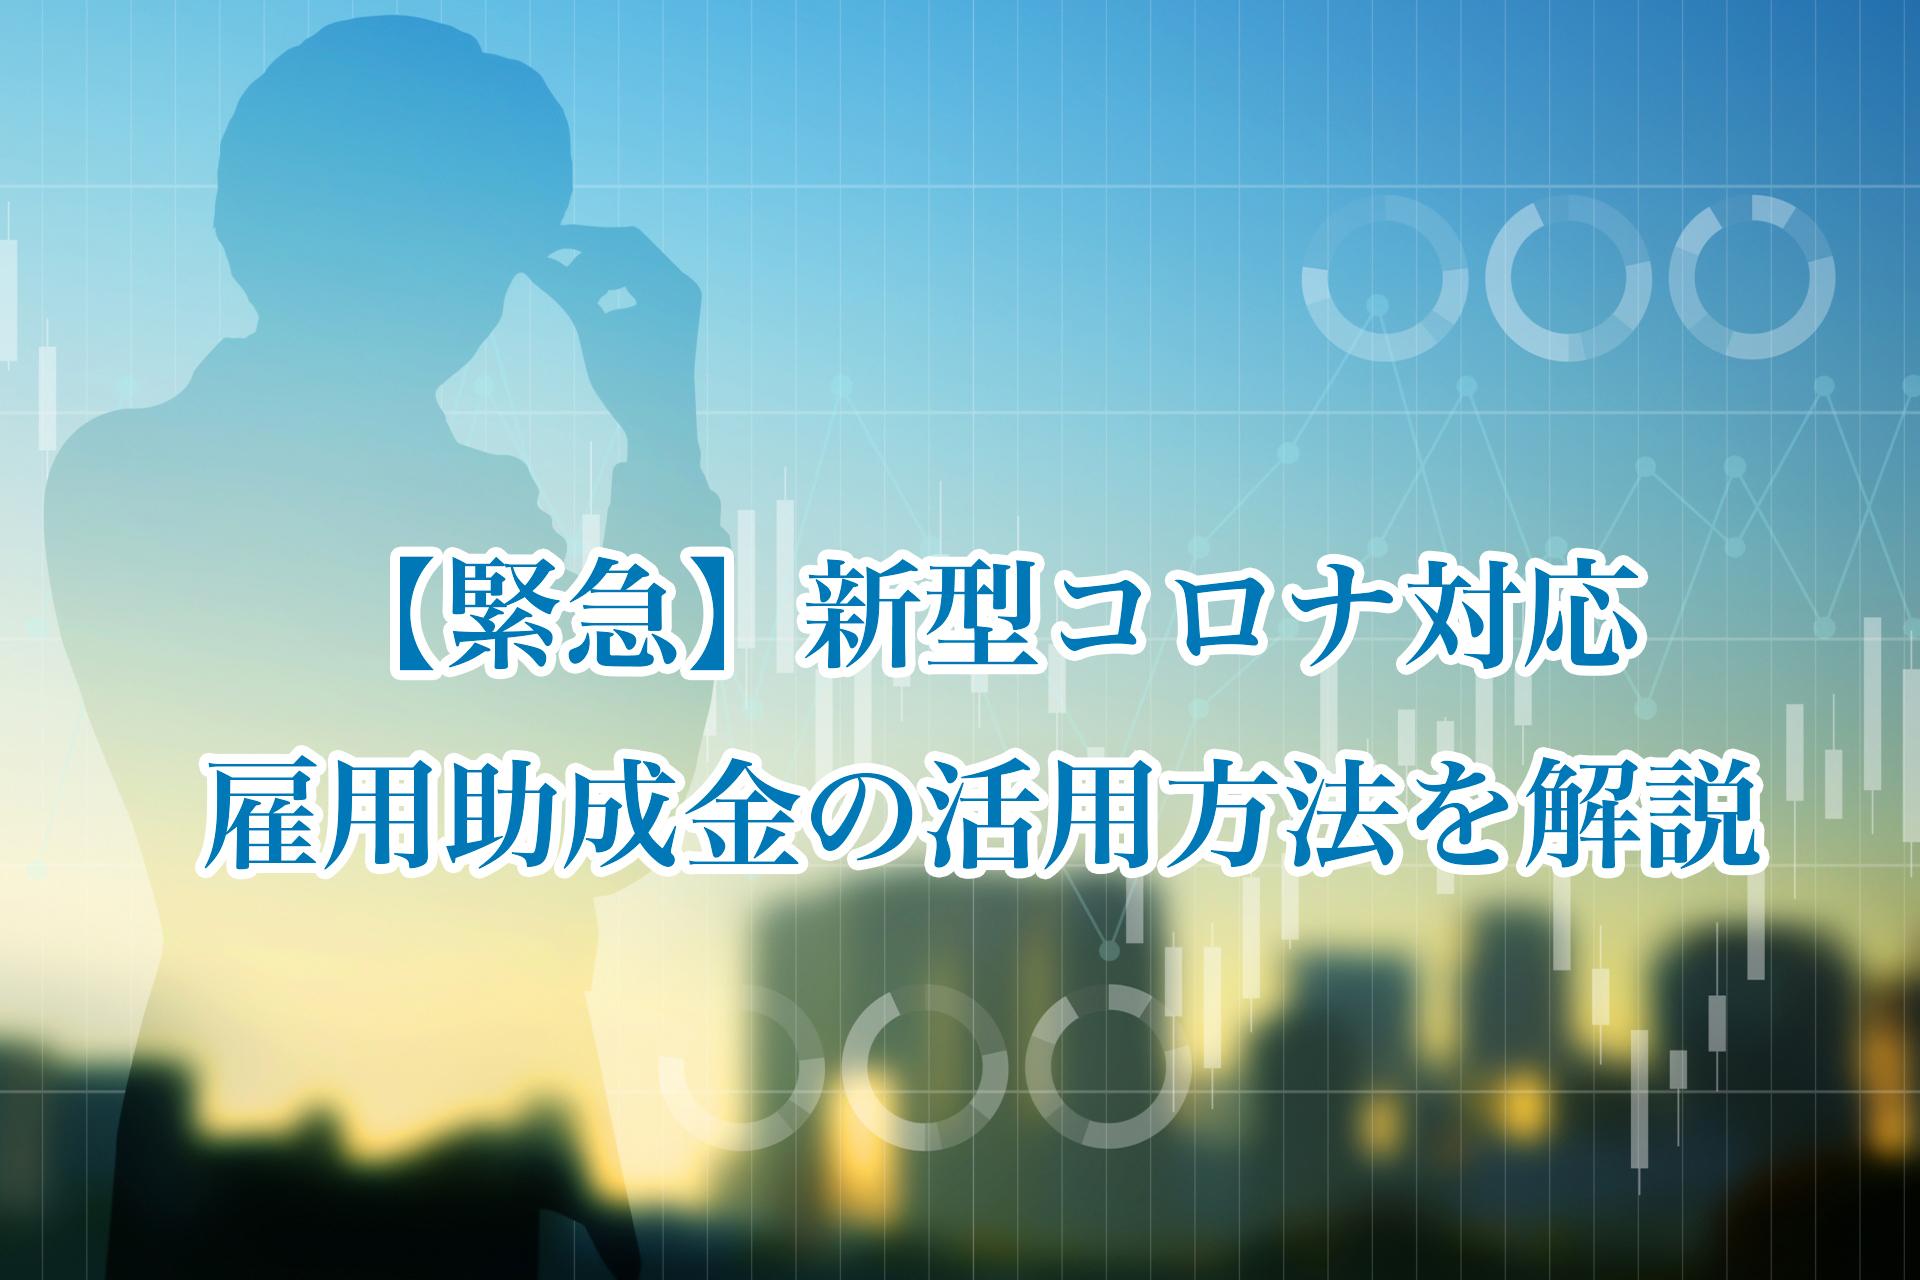 【緊急】新型コロナ対応雇用助成金の活用方法を解説